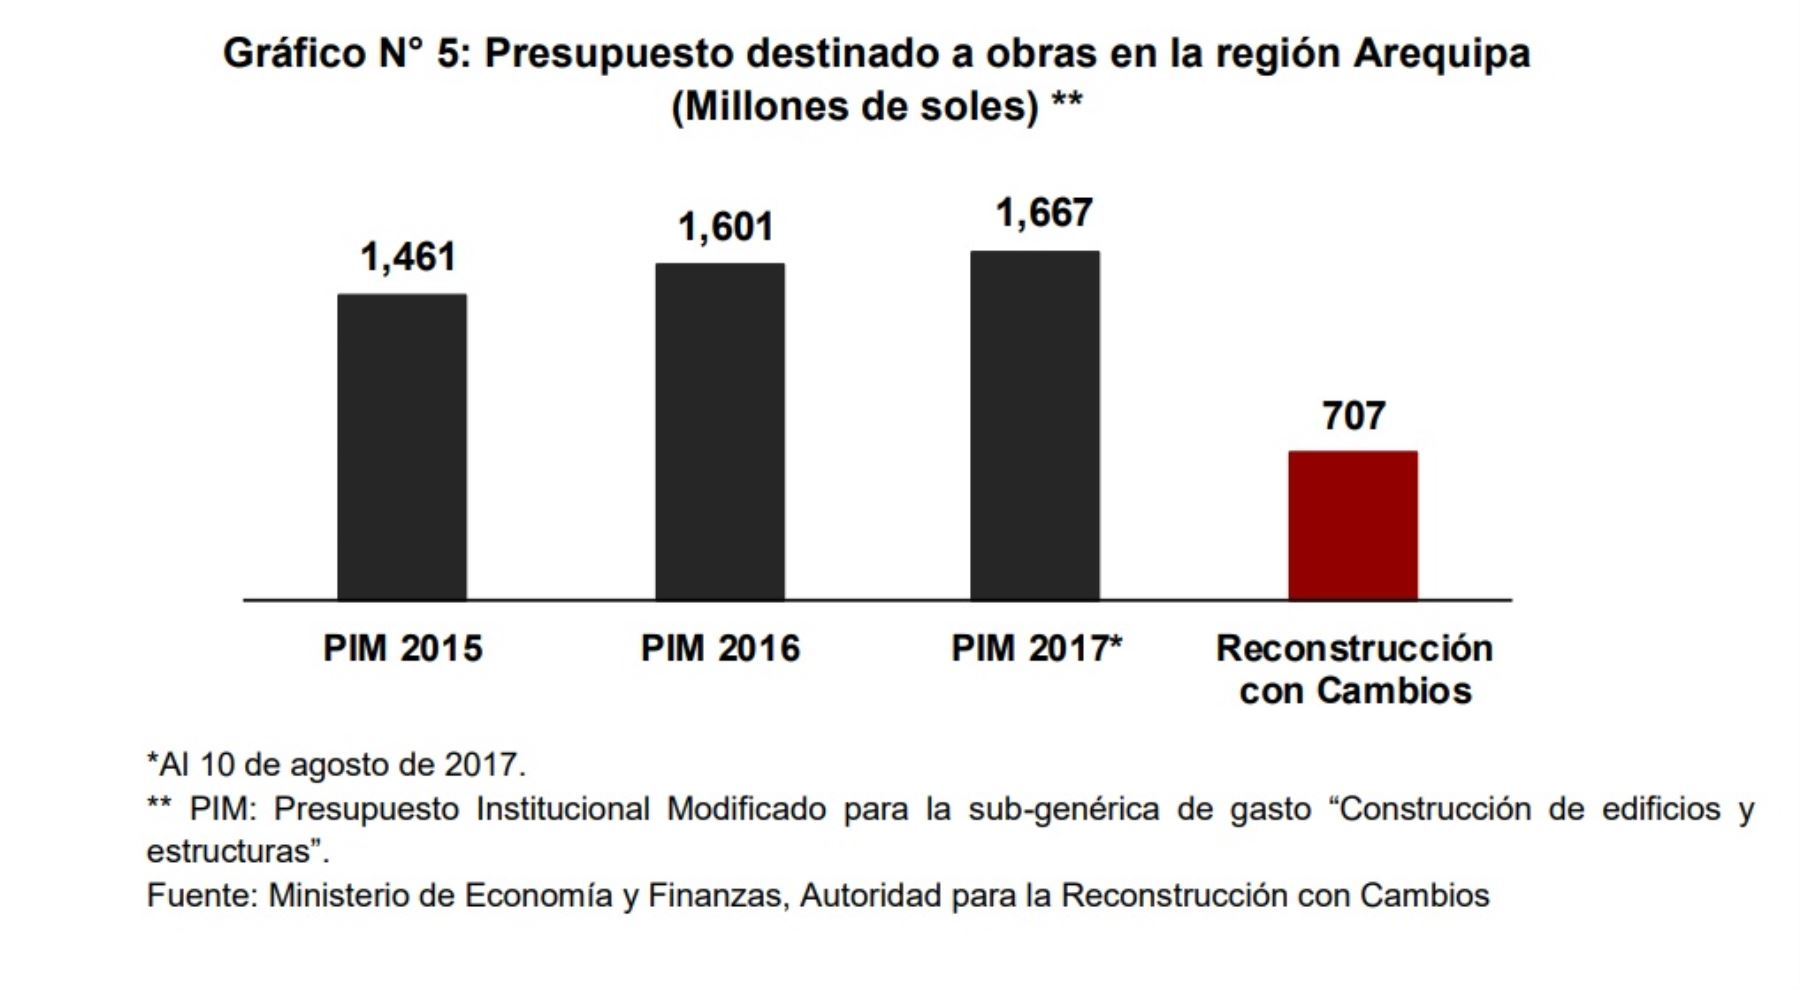 Presupuesto destinado a obras en la región Arequipa.